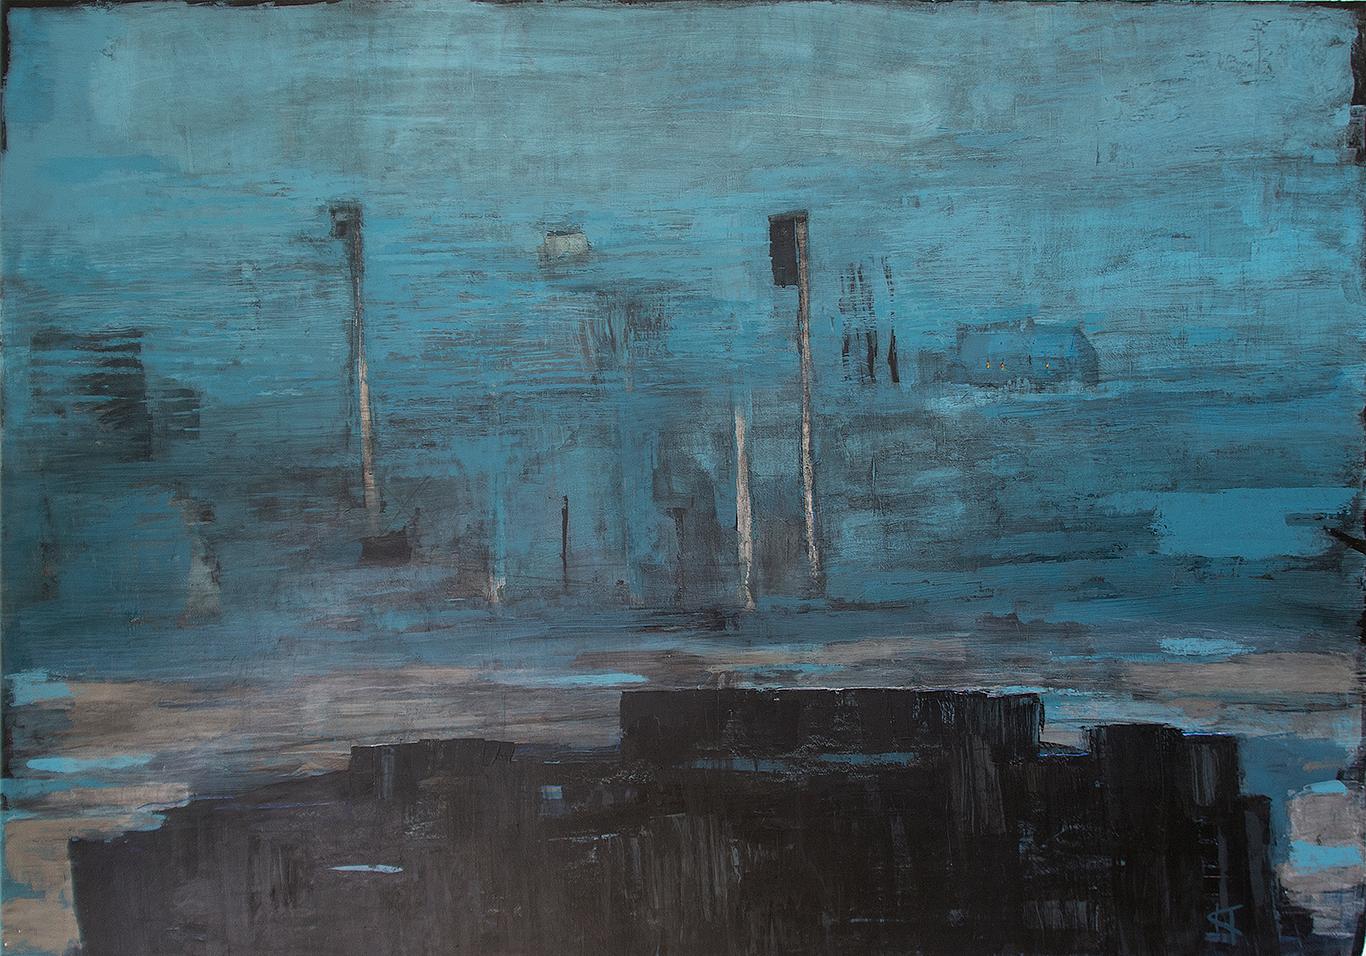 Öppet landskap: Mått: 122 x 90 cm. Material: Akryl.